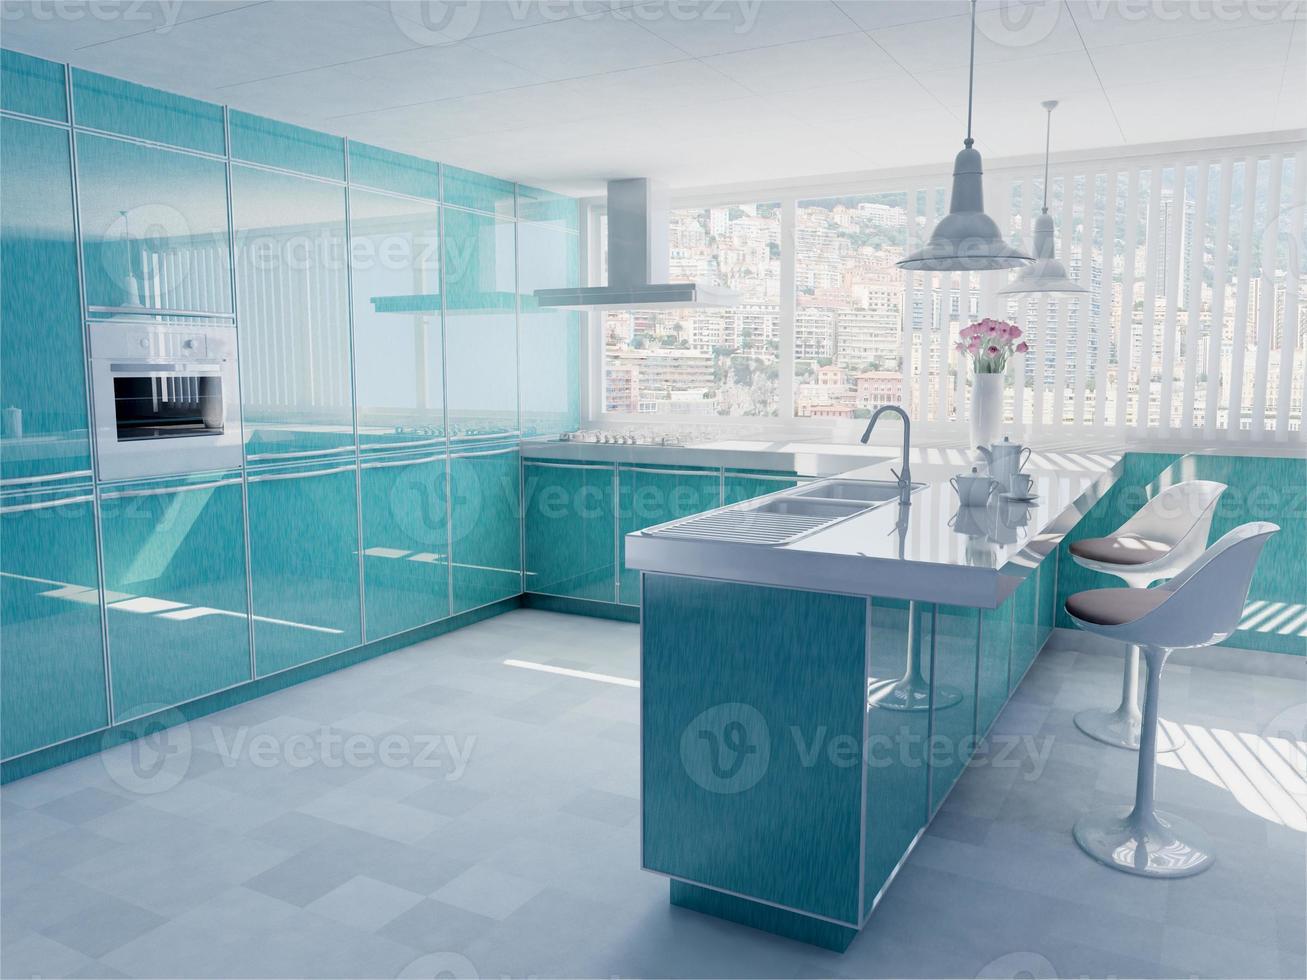 Küche. foto